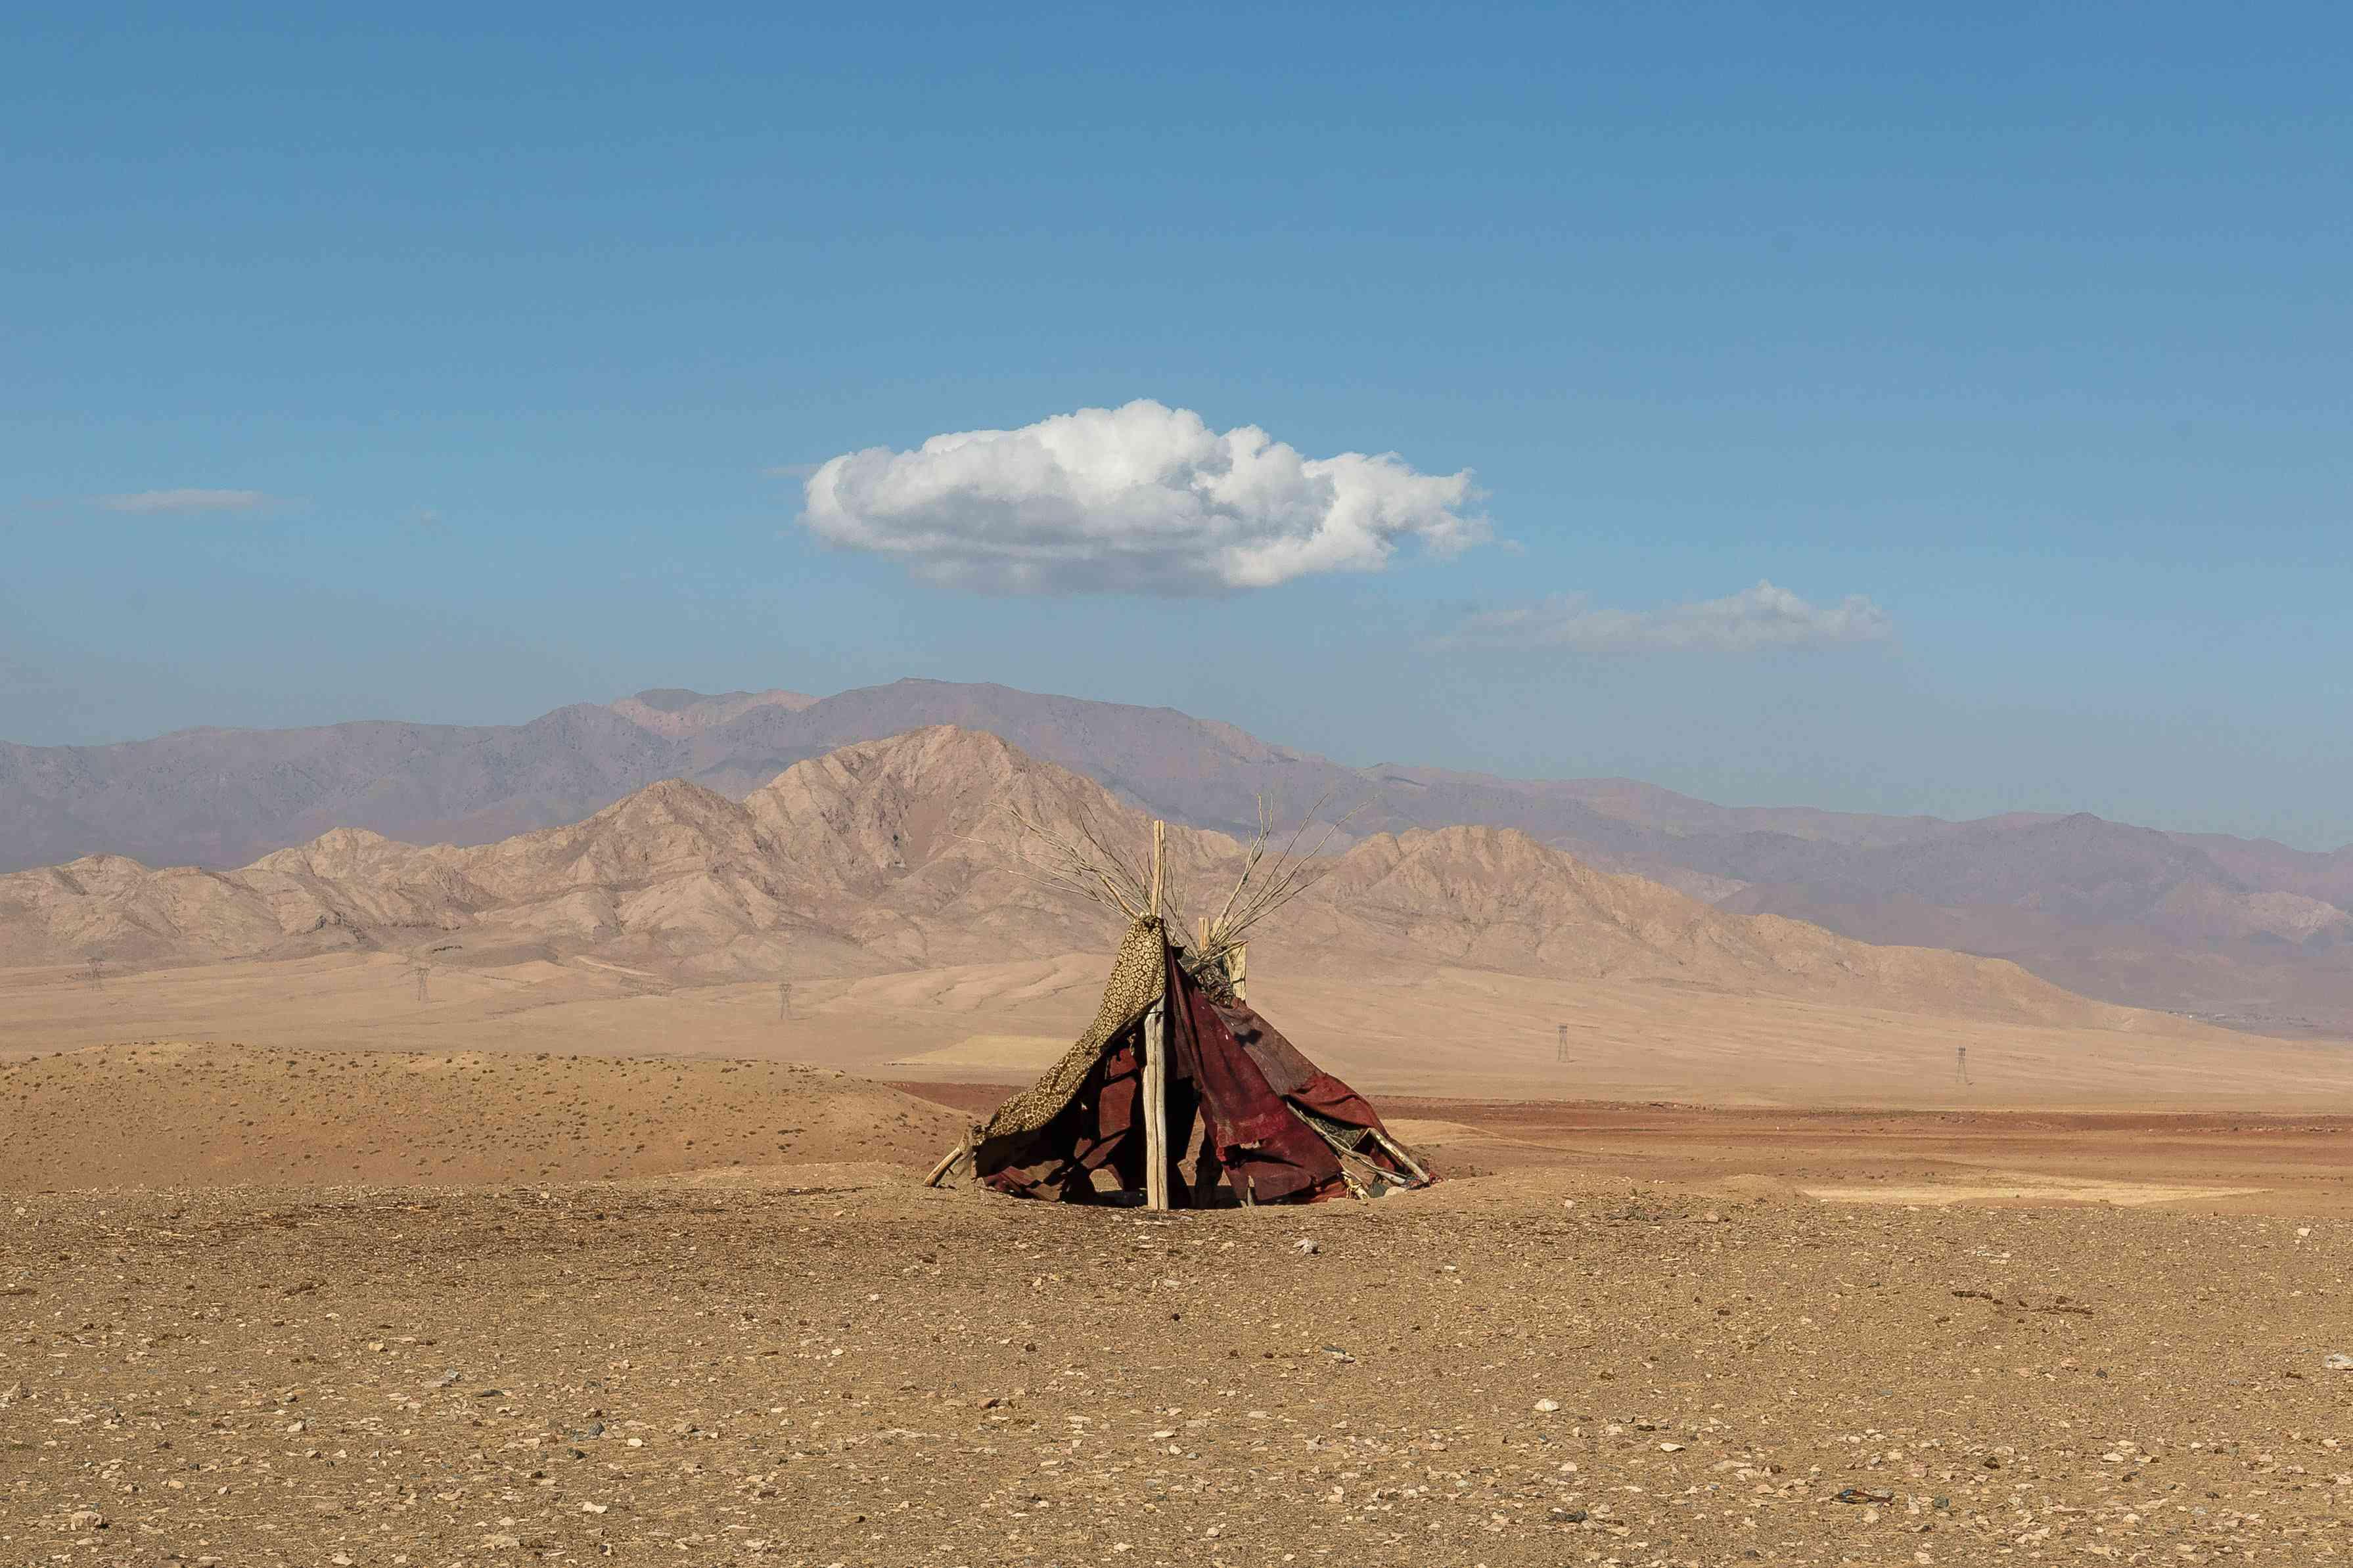 Majid Hojjati, Iran, Winner, Professional, Landscape